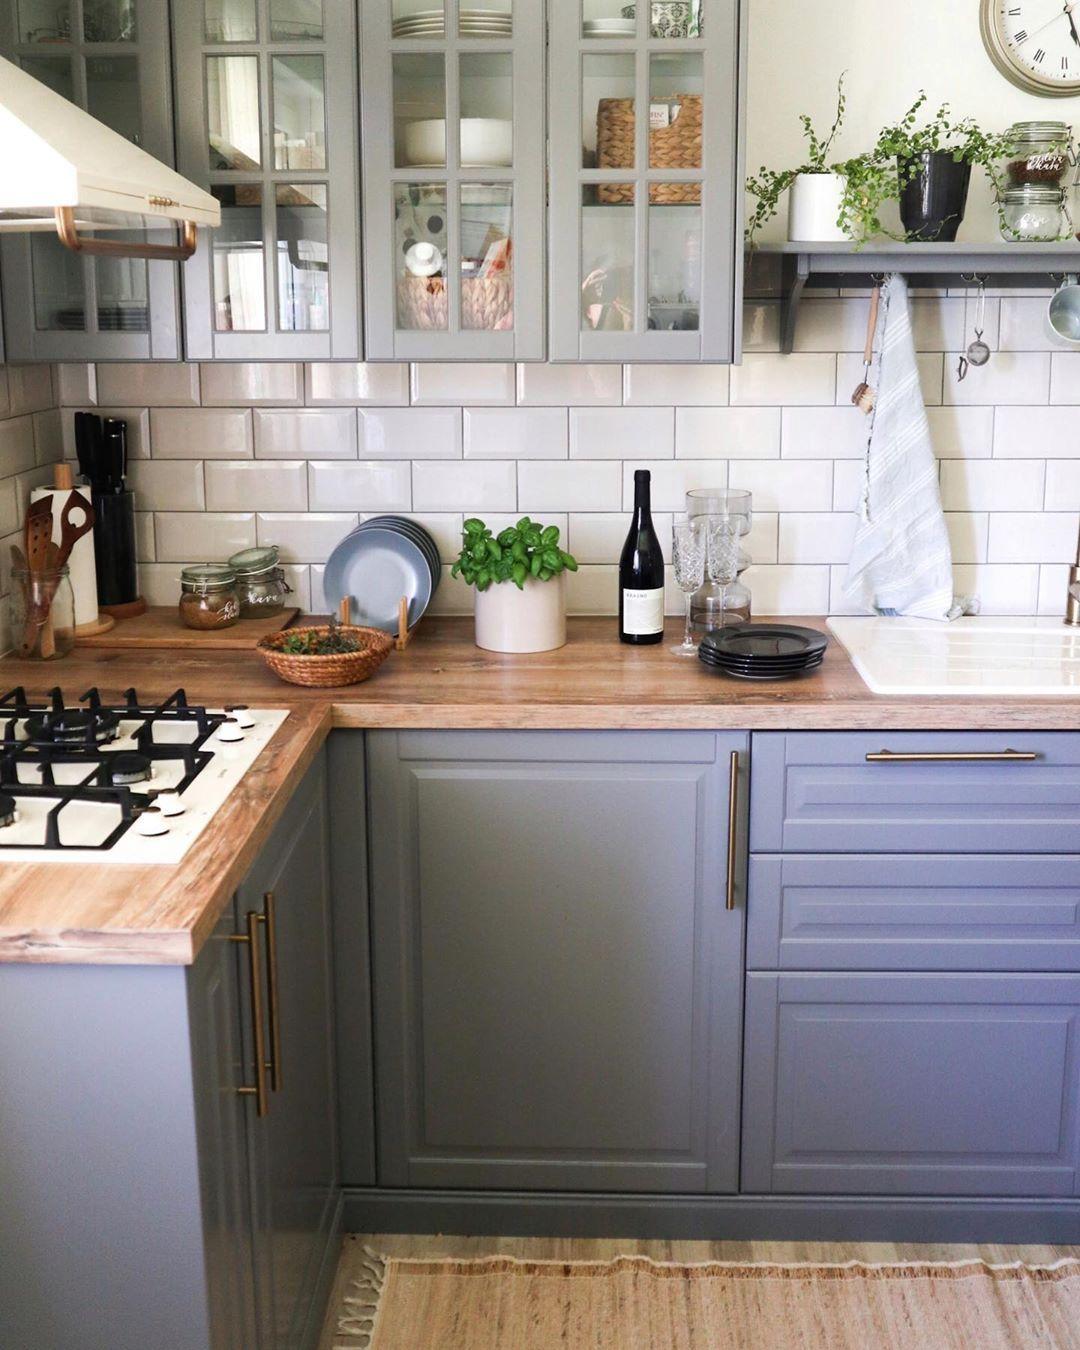 Carica Sveta Interior Home On Instagram Ves Kateri Je Najbolj Beden Filing Na Svetu Ko Si Prehlajen Sredi Poletj In 2020 Home Kitchens Kitchen Kitchen Cabinets